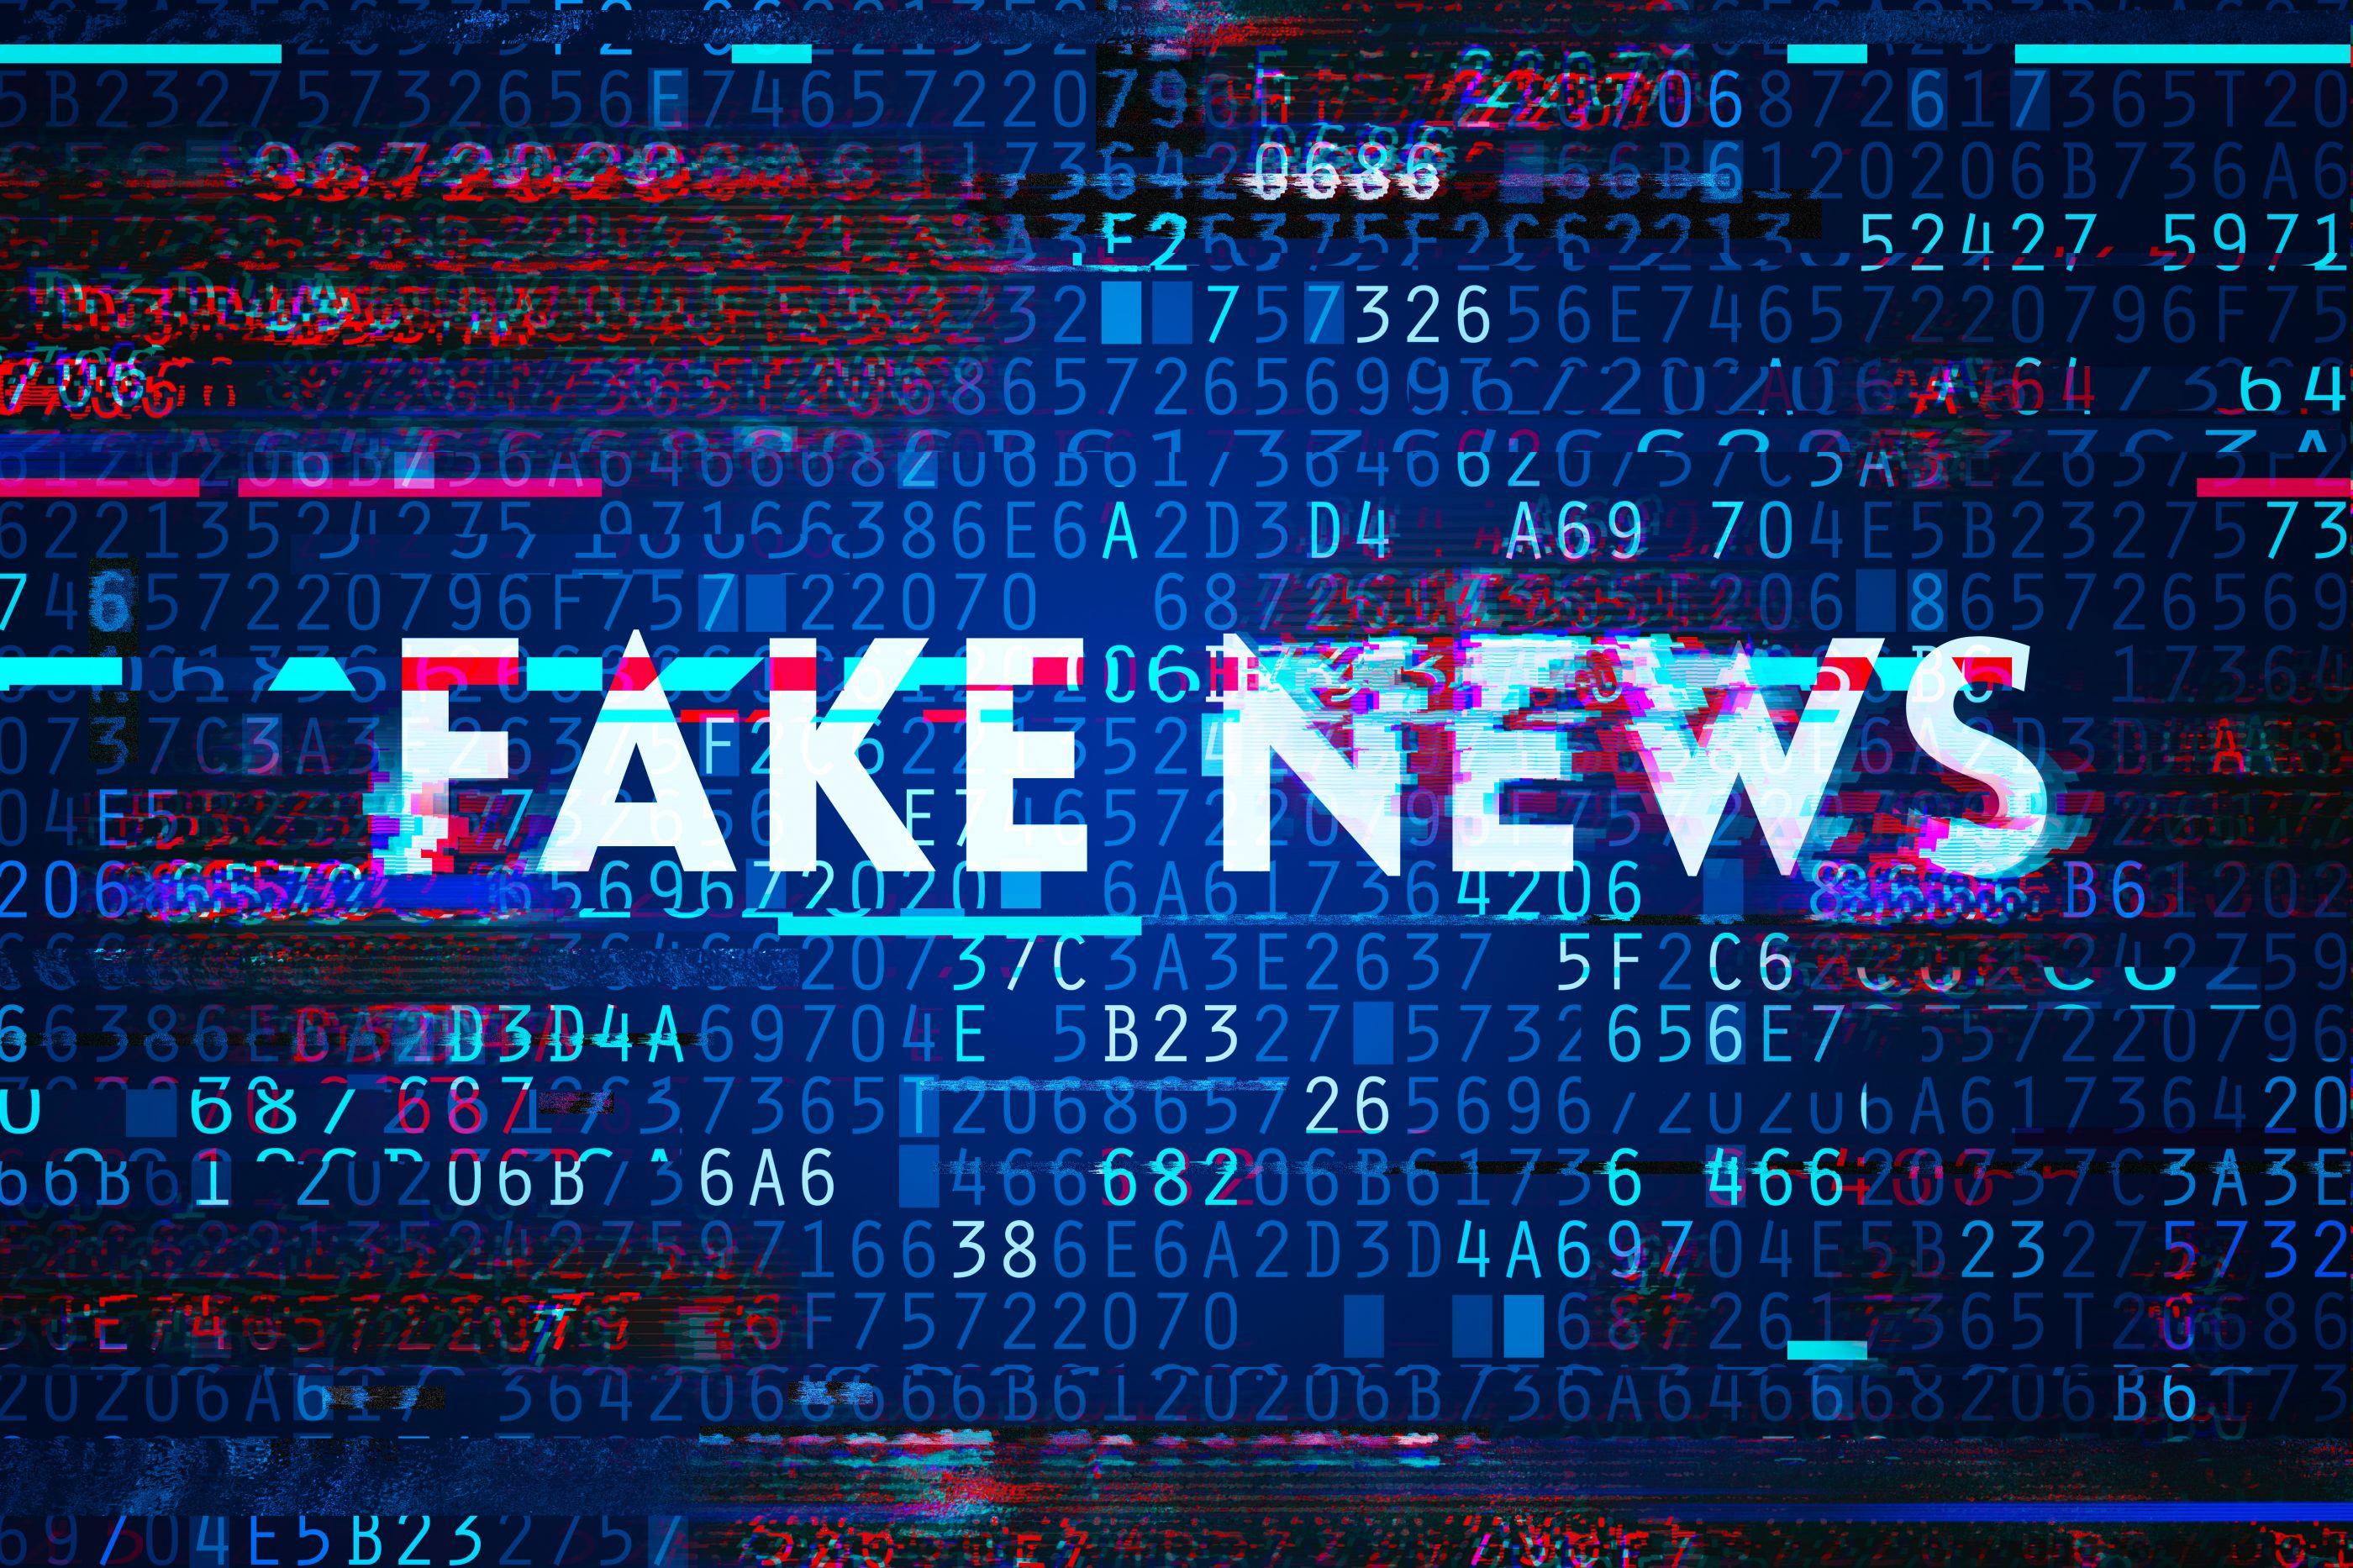 Fake news: Literacia, 'fact checking' e sanções são prioridades da ERC